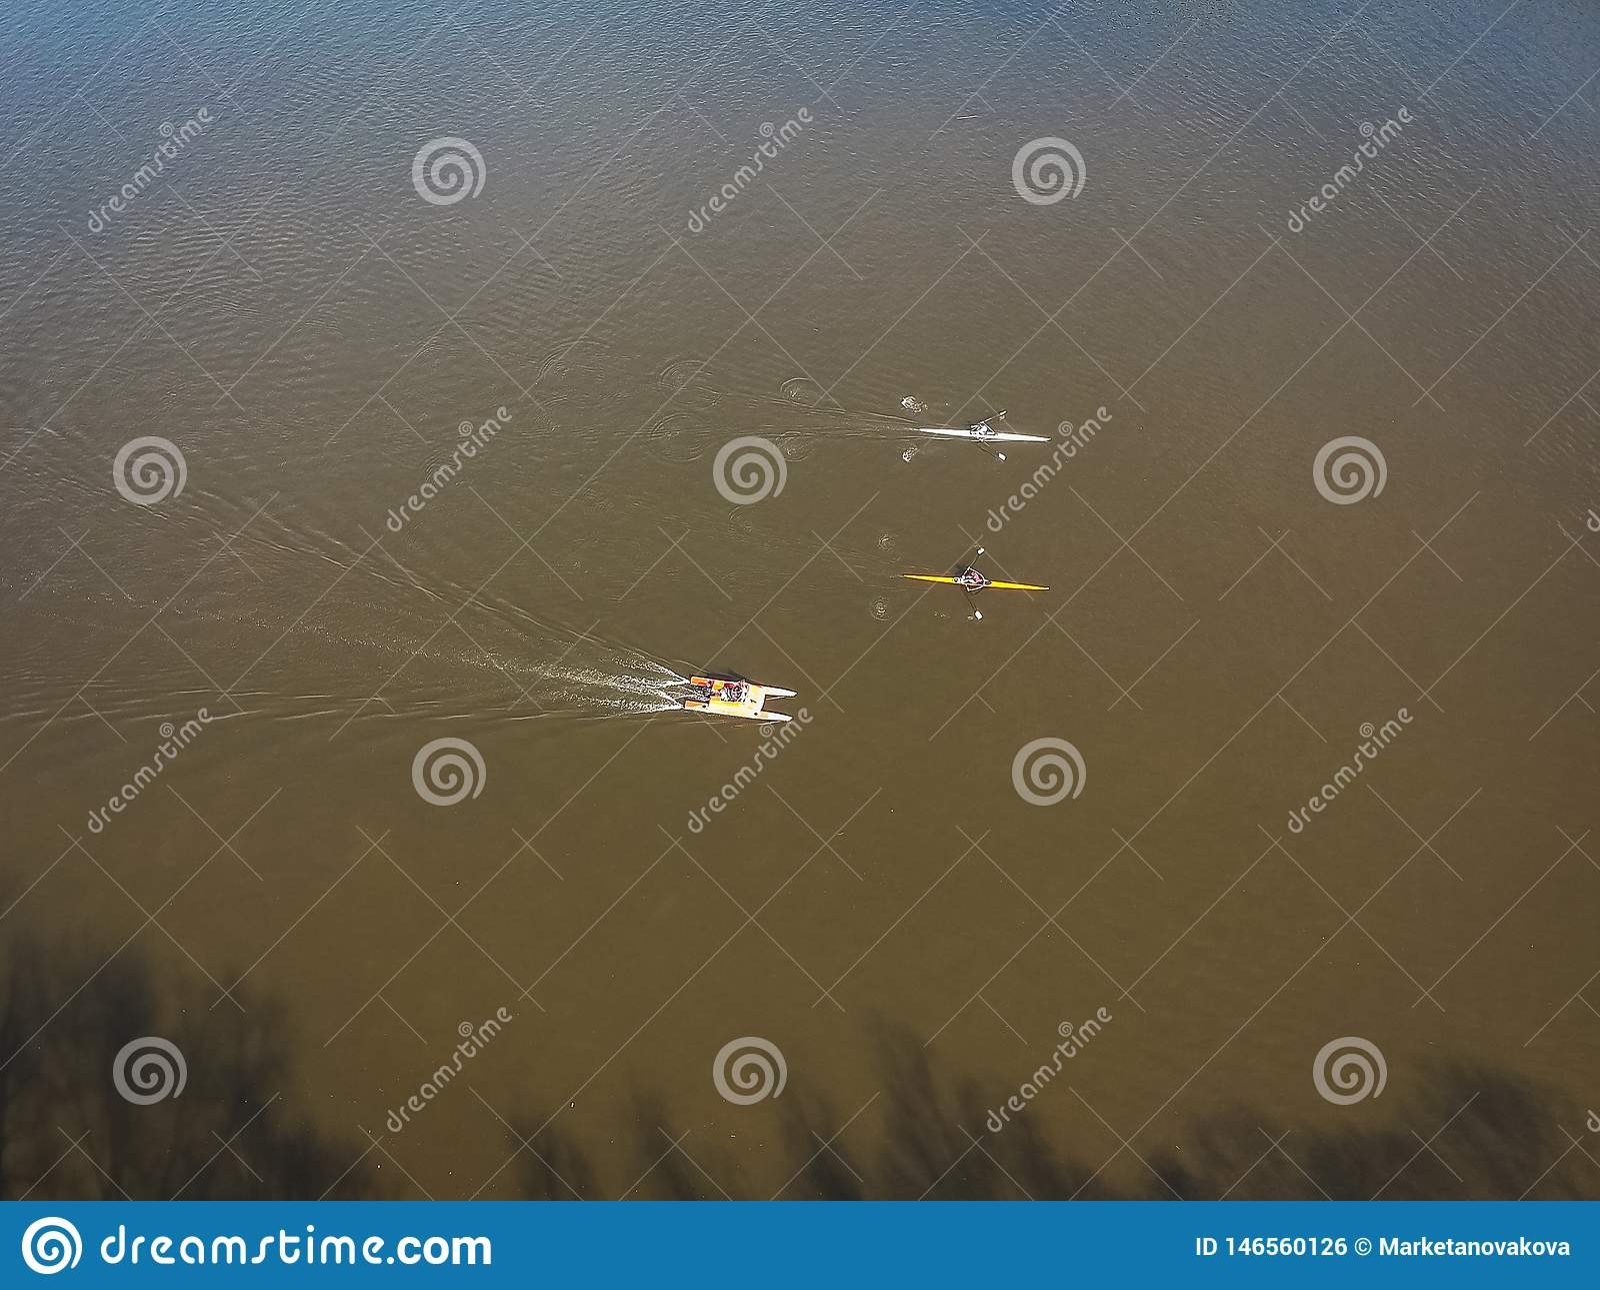 Luftfoto des rudernden Trainings auf dem Fluss